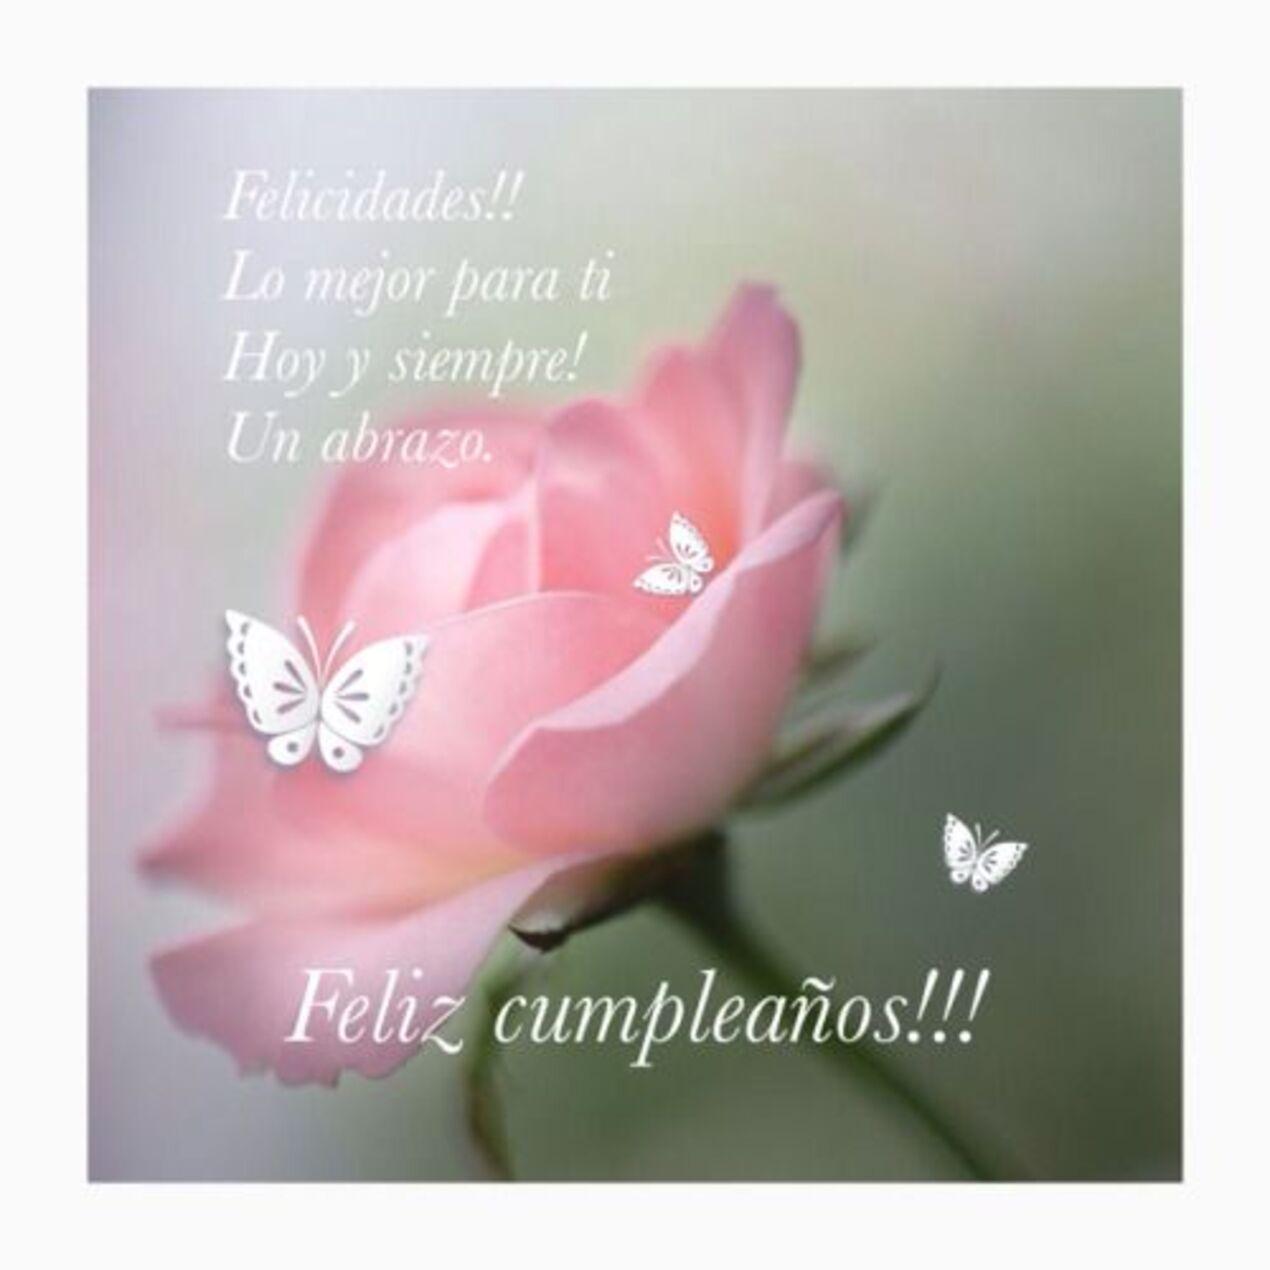 Felicidades!! Lo mejor para ti hoy y siempre! Un abrazo! Feliz cumpleaños!